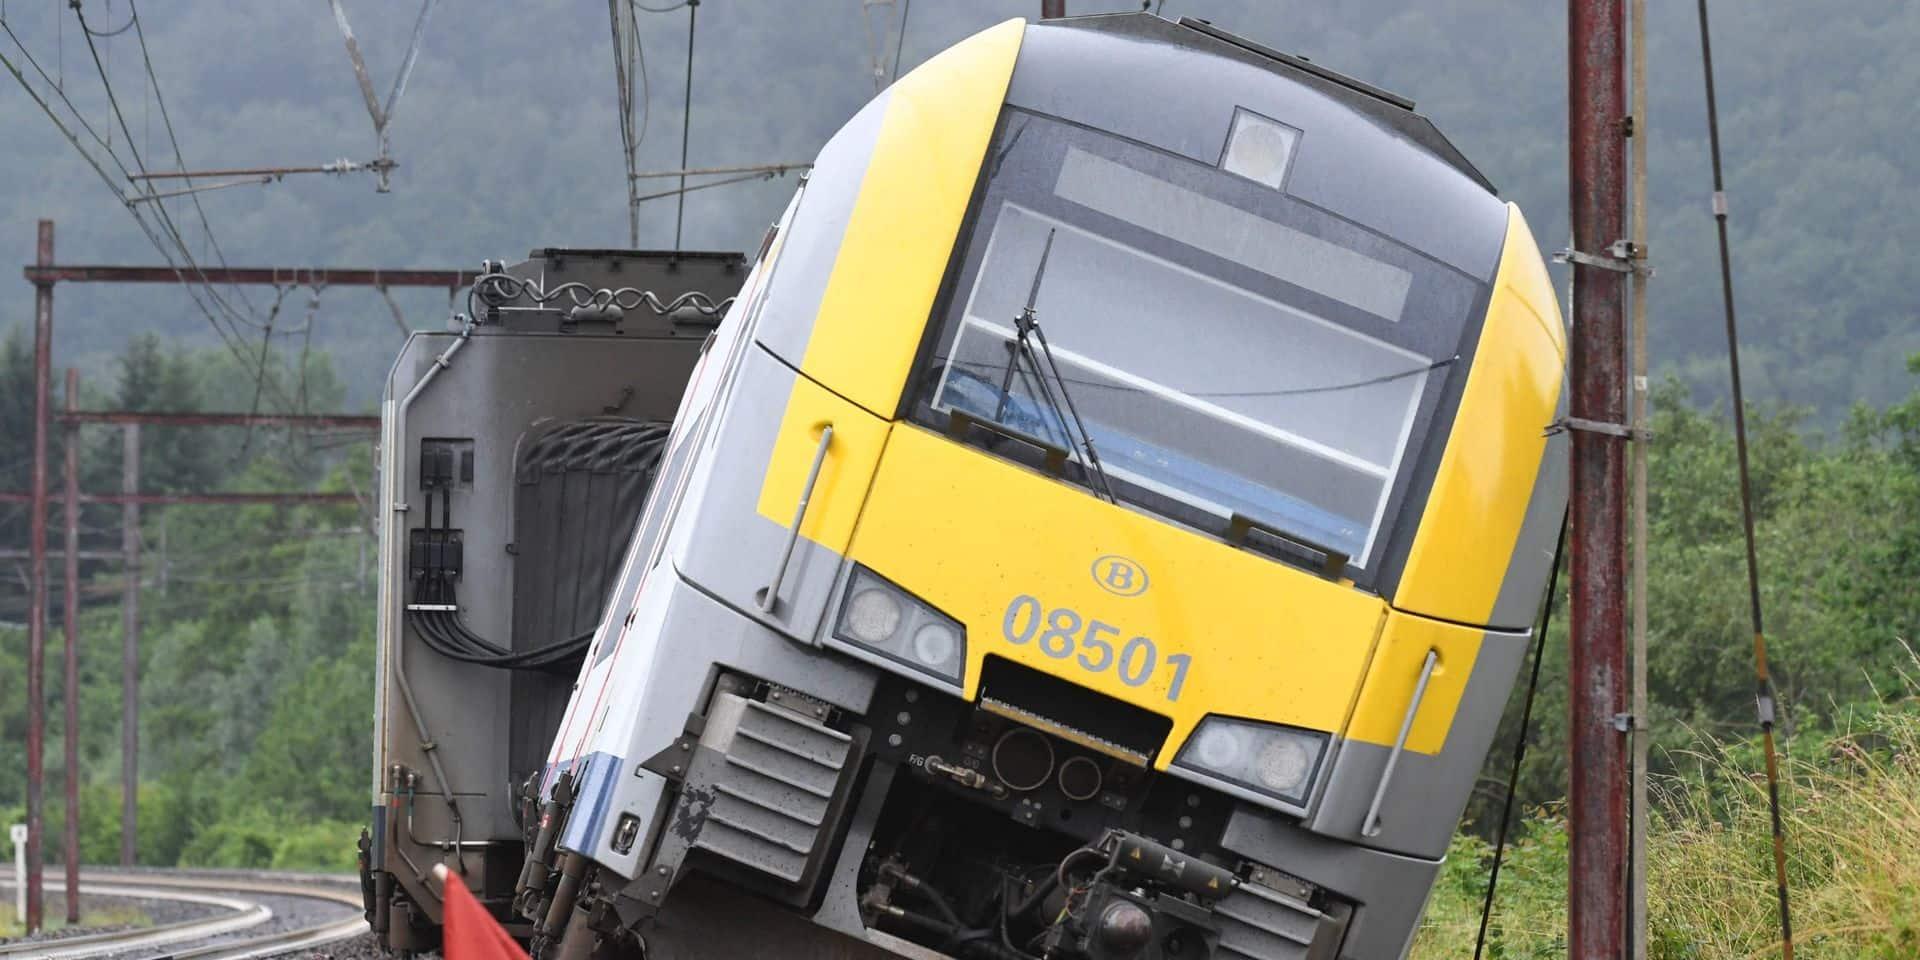 Intempéries: les dommages au réseau ferroviaire estimés entre 40 et 50 millions d'euros